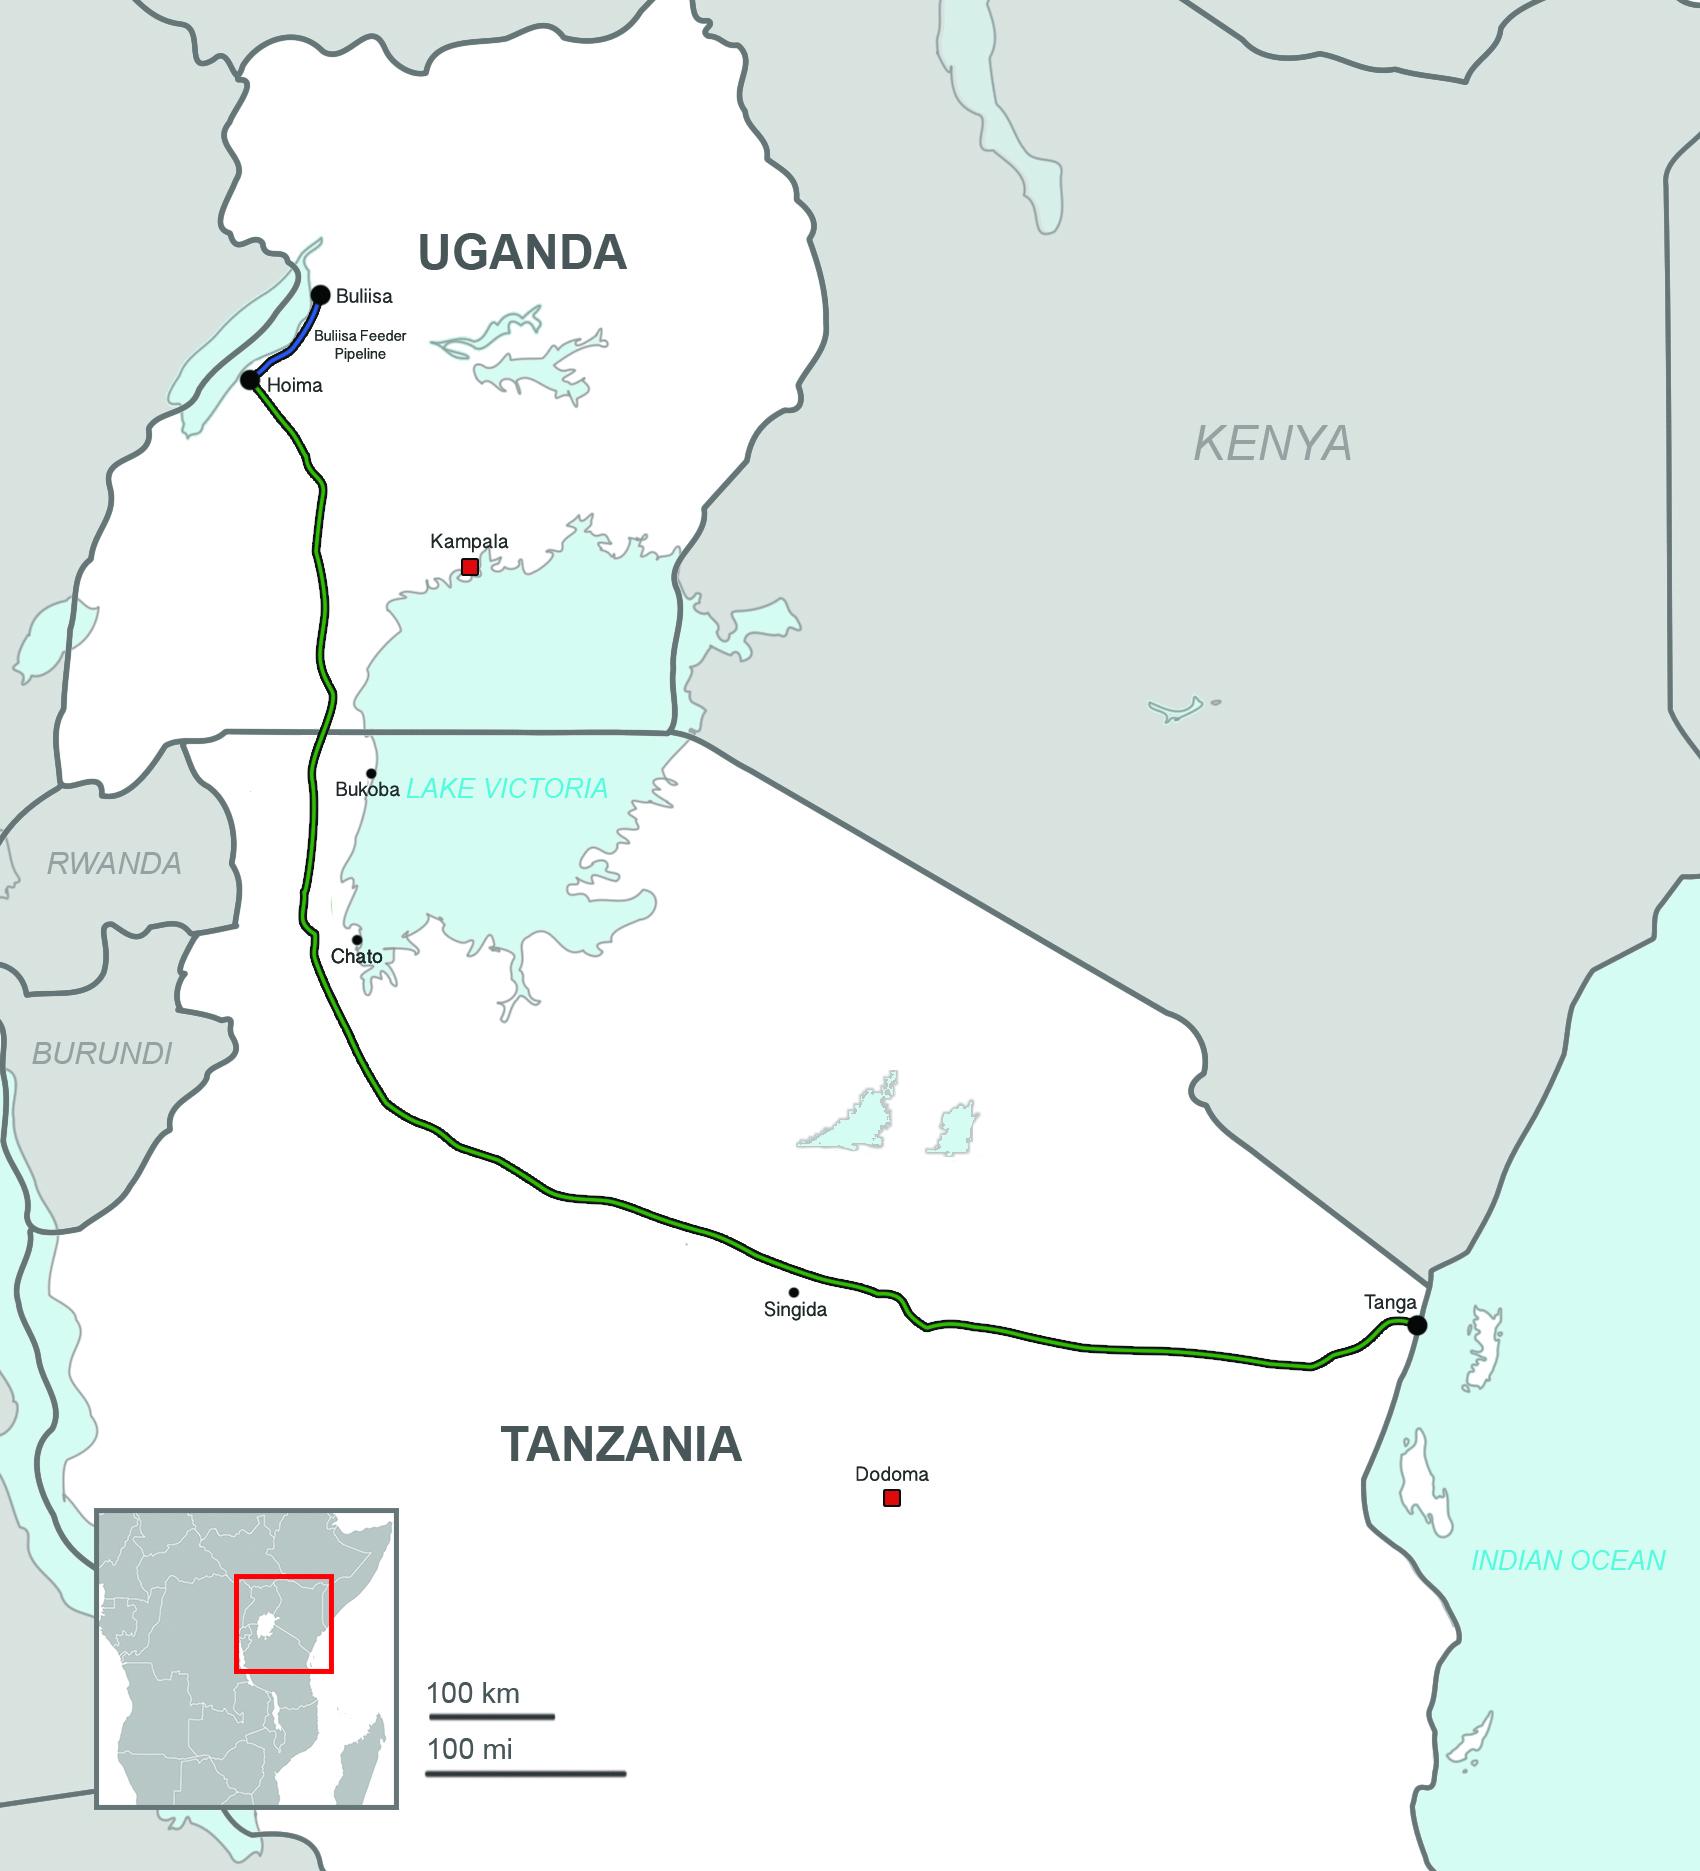 Uganda–Tanzania Crude Oil Pipeline - Wikipedia